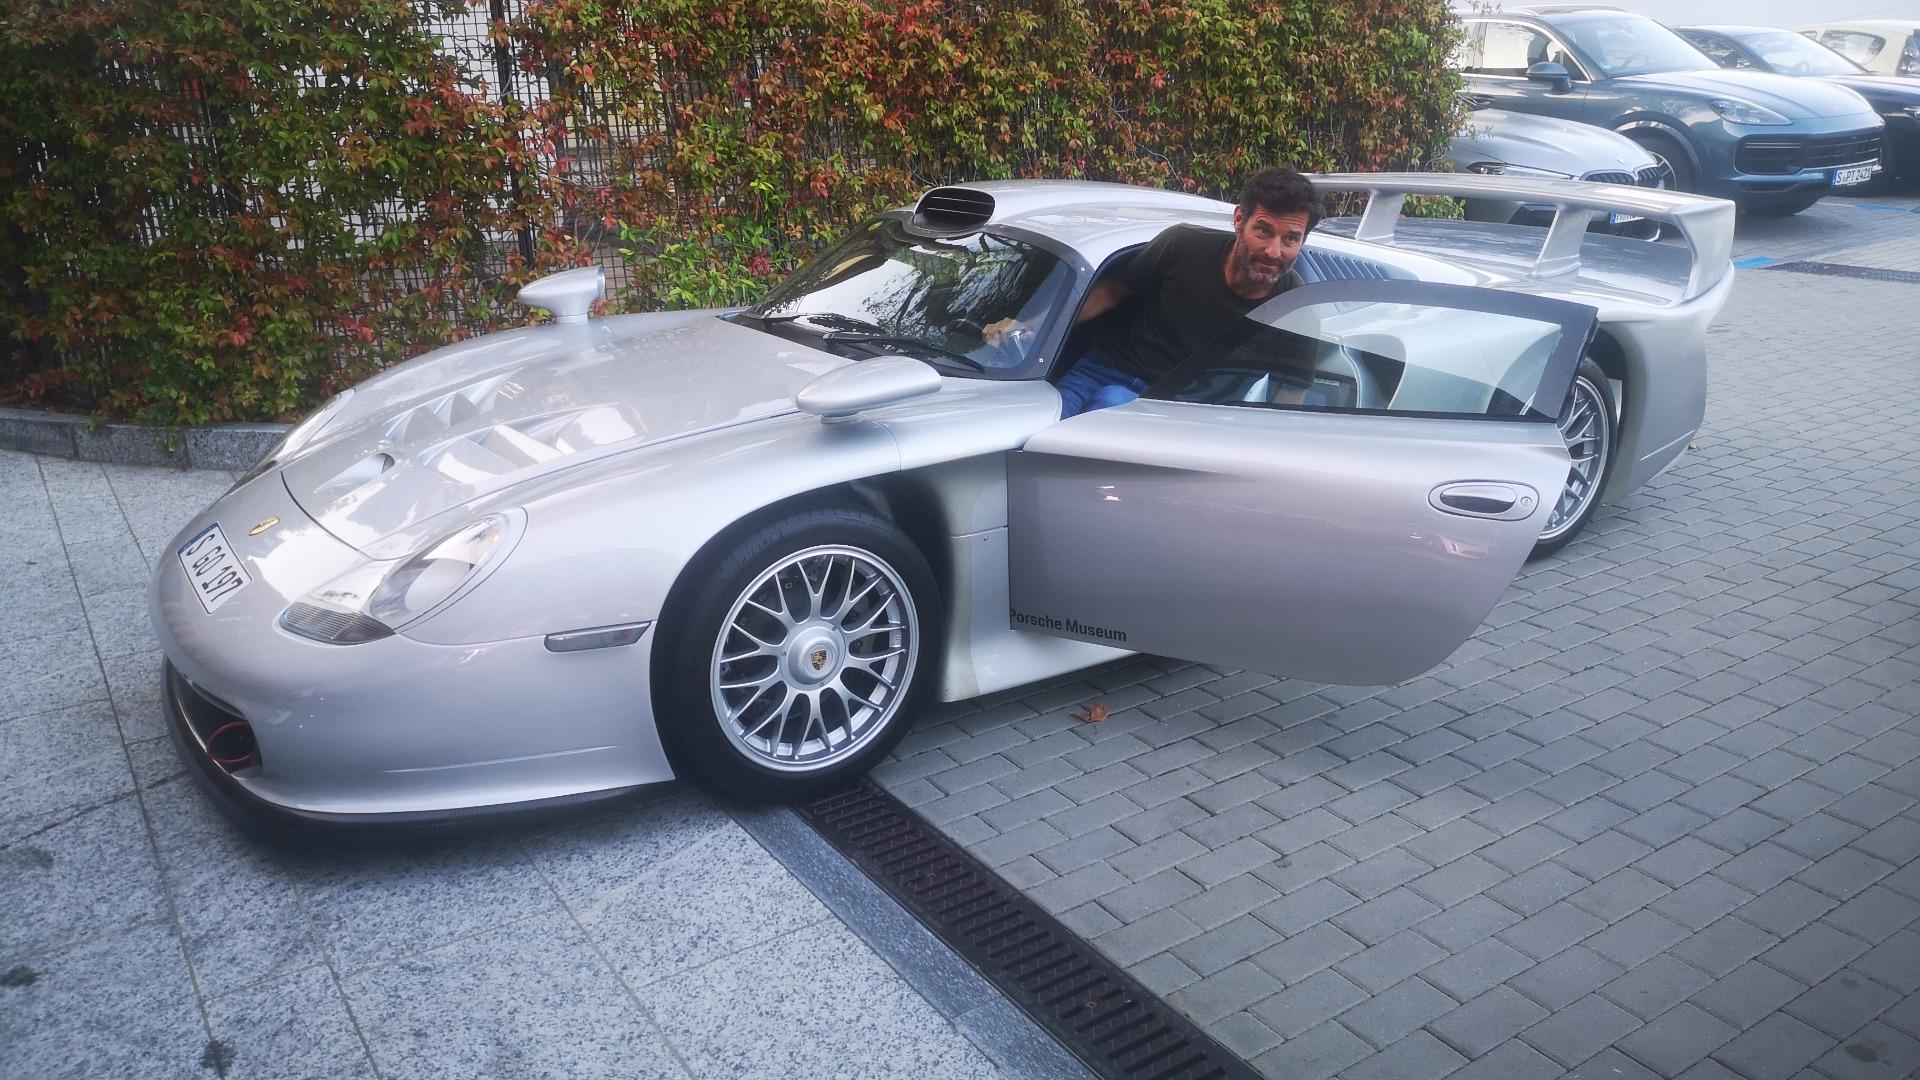 Utenfor hotellet mitt, på vei til middag, dukket det plutselig opp en til Porsche 911 GT1! Med ingen ringere enn tidligere Formel 1 fører Mark Webber bak rattet. Only in Villa D'Este!